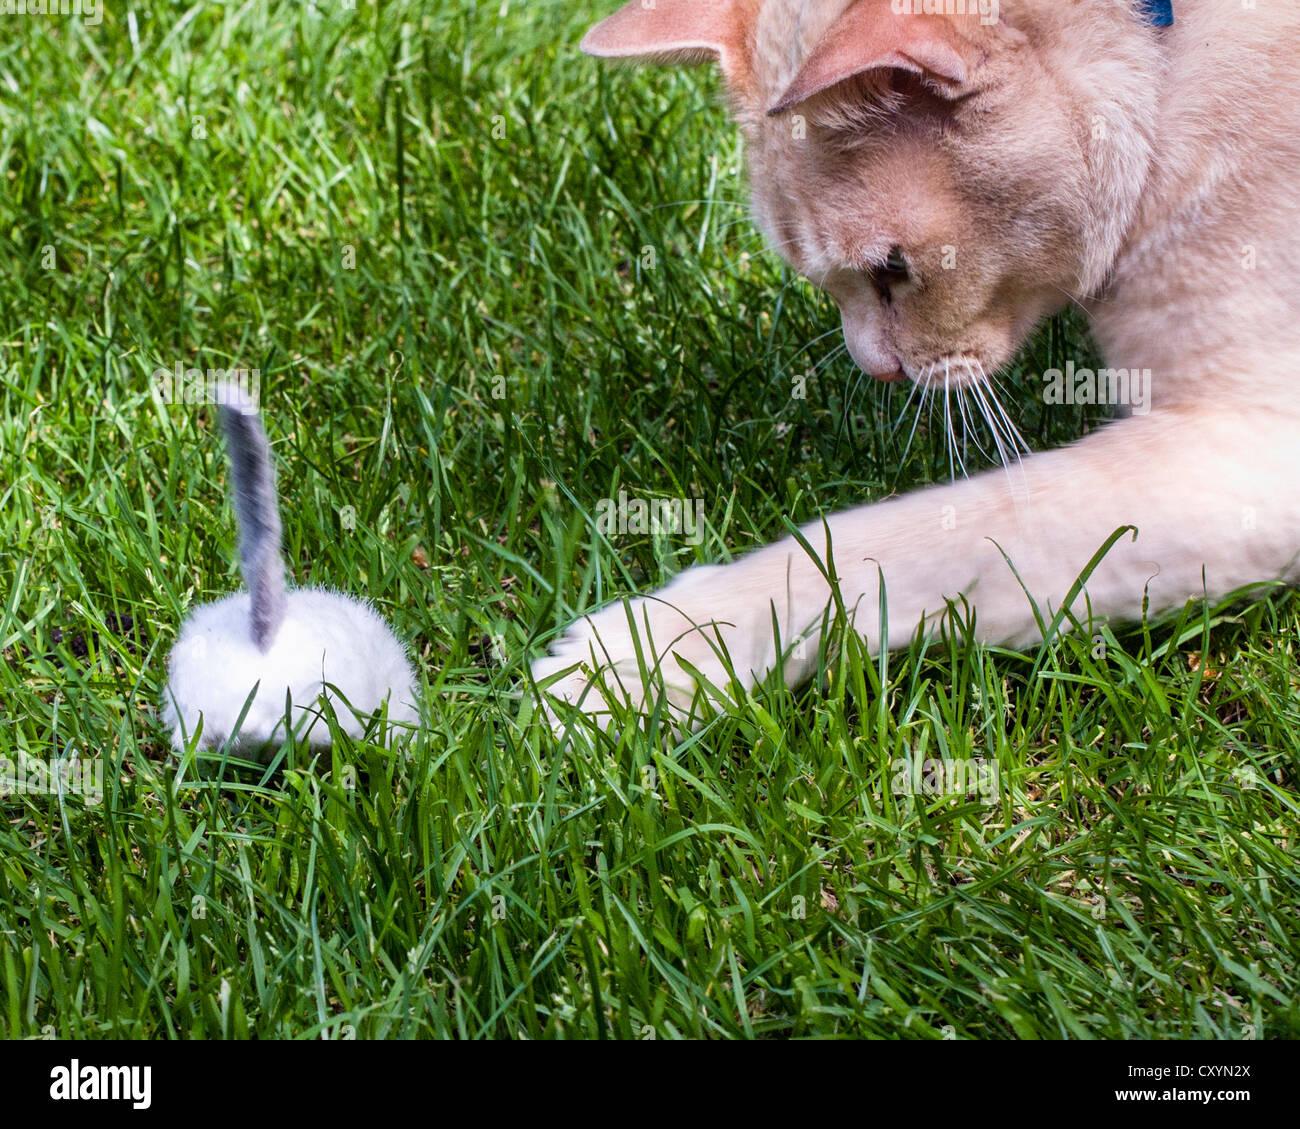 Rosso gatto birmano a giocare con un giocattolo mouse sull'erba Foto Stock